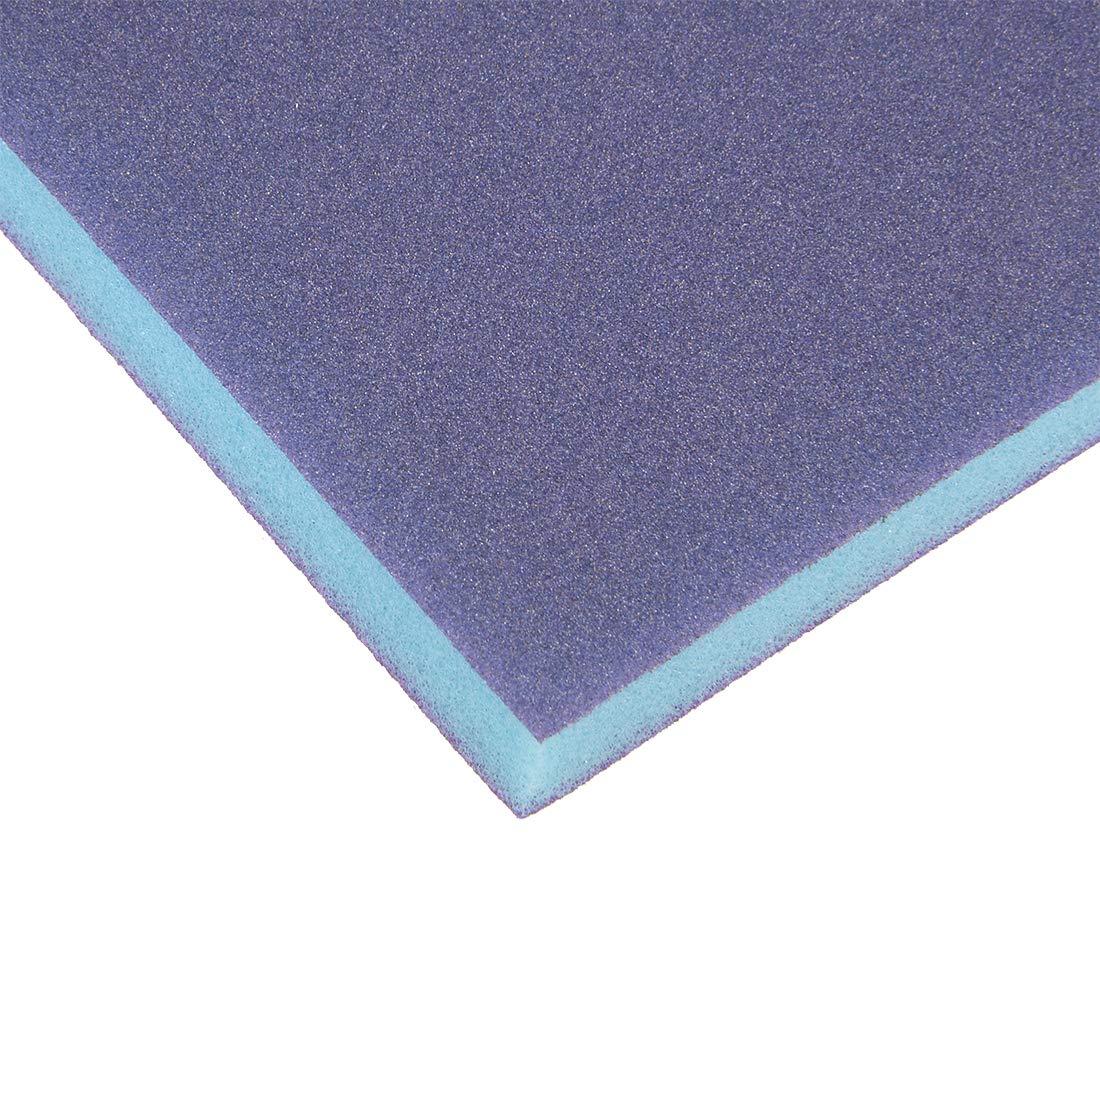 sourcing map /Éponge pon/çage Medium 220 Grain Bloc pon/çage 4.72x3.86 x 0.47 Bleu 8Pcs